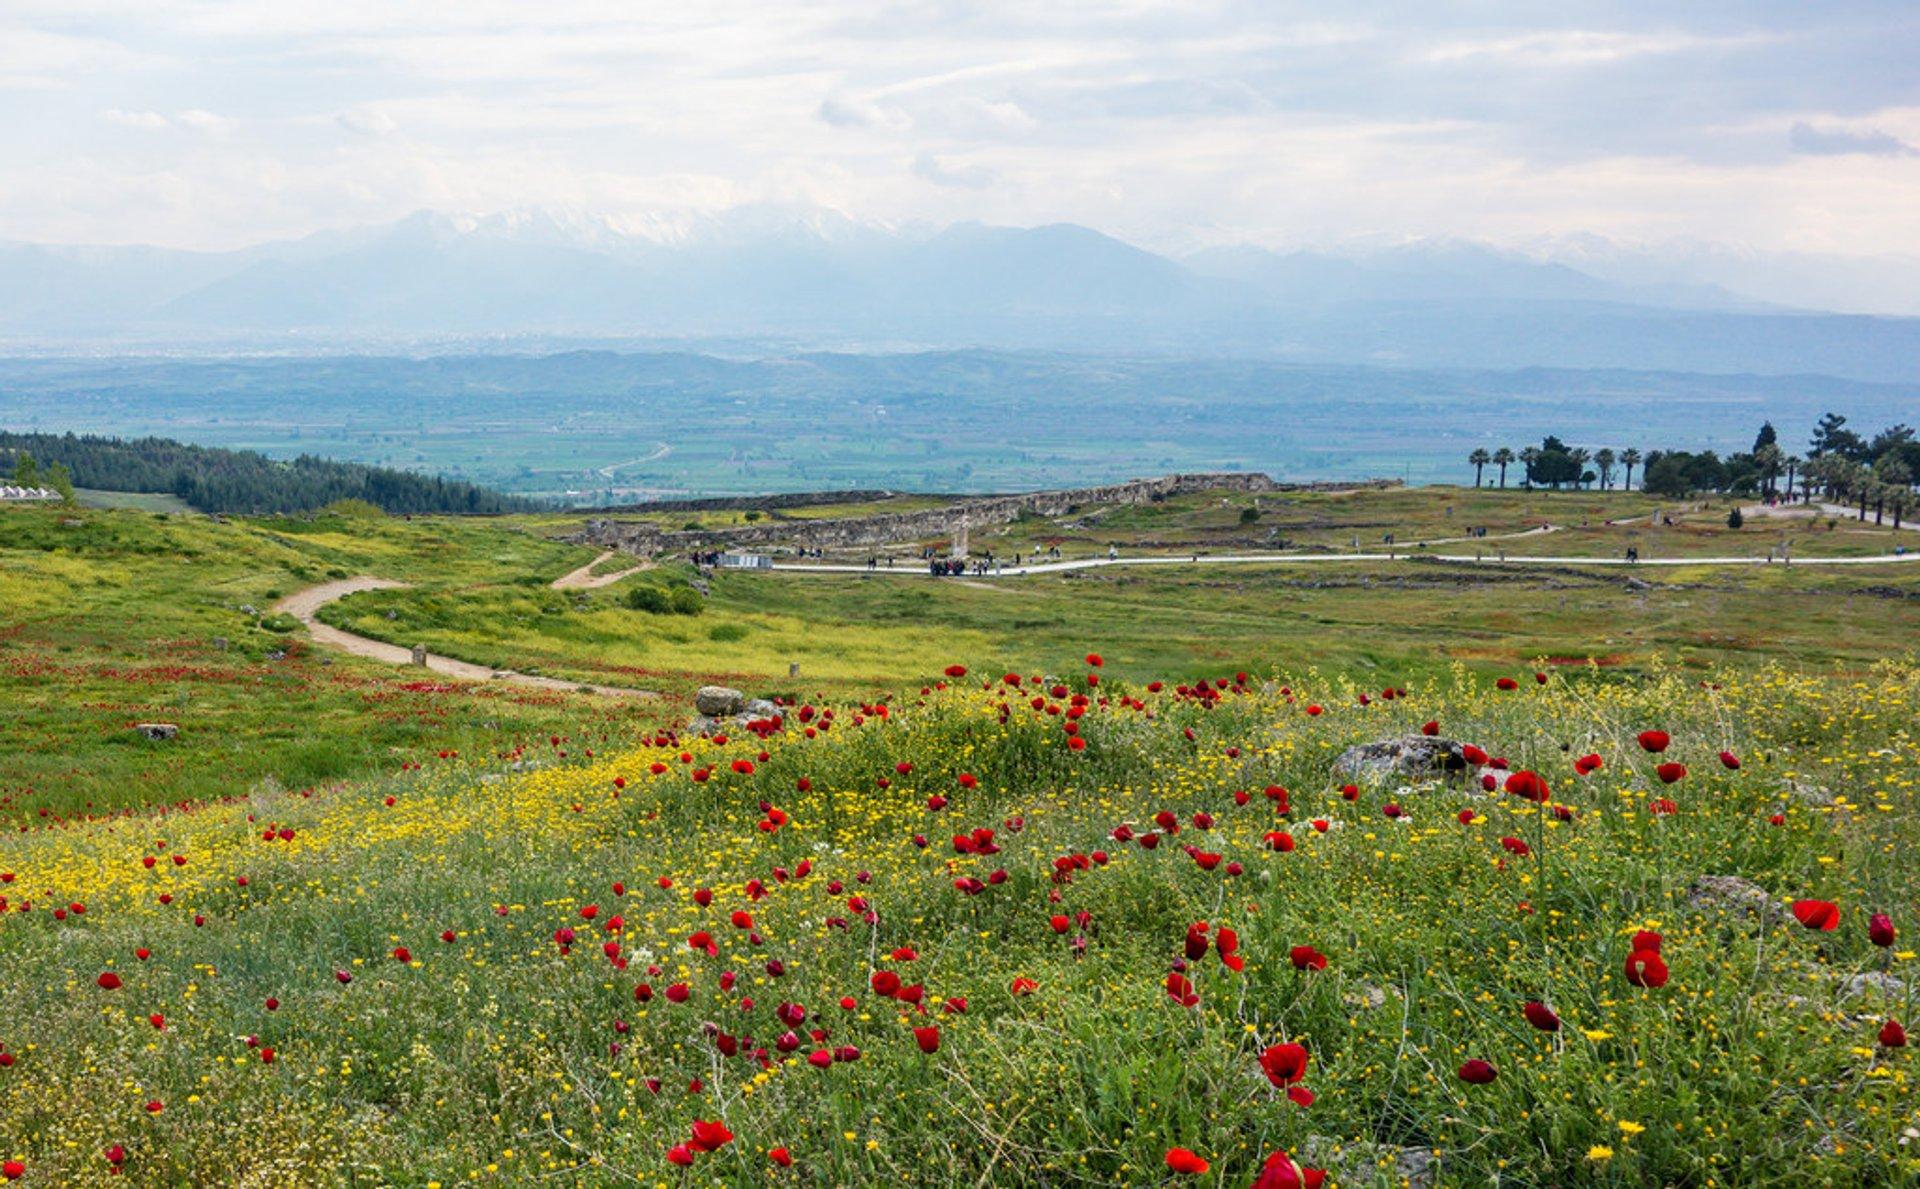 Wildflowers in Turkey 2020 - Best Time